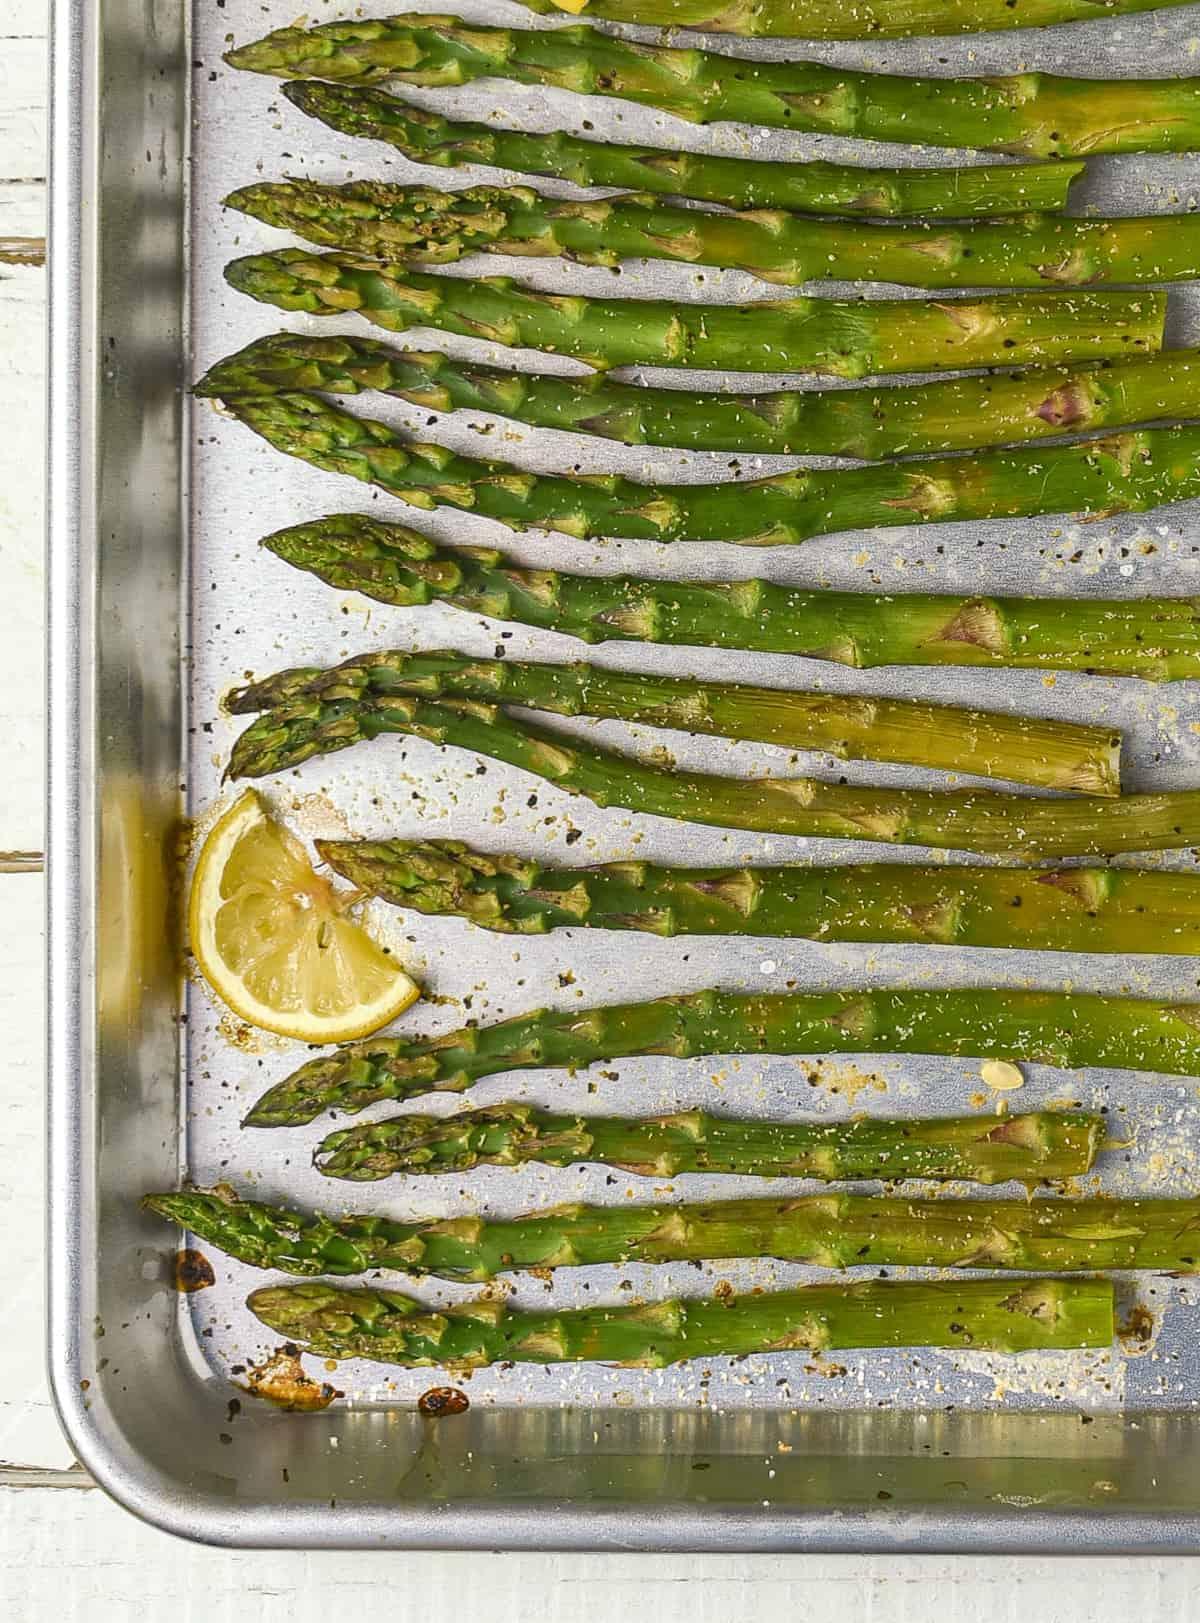 Roasted asparagus with lemon on baking sheet.